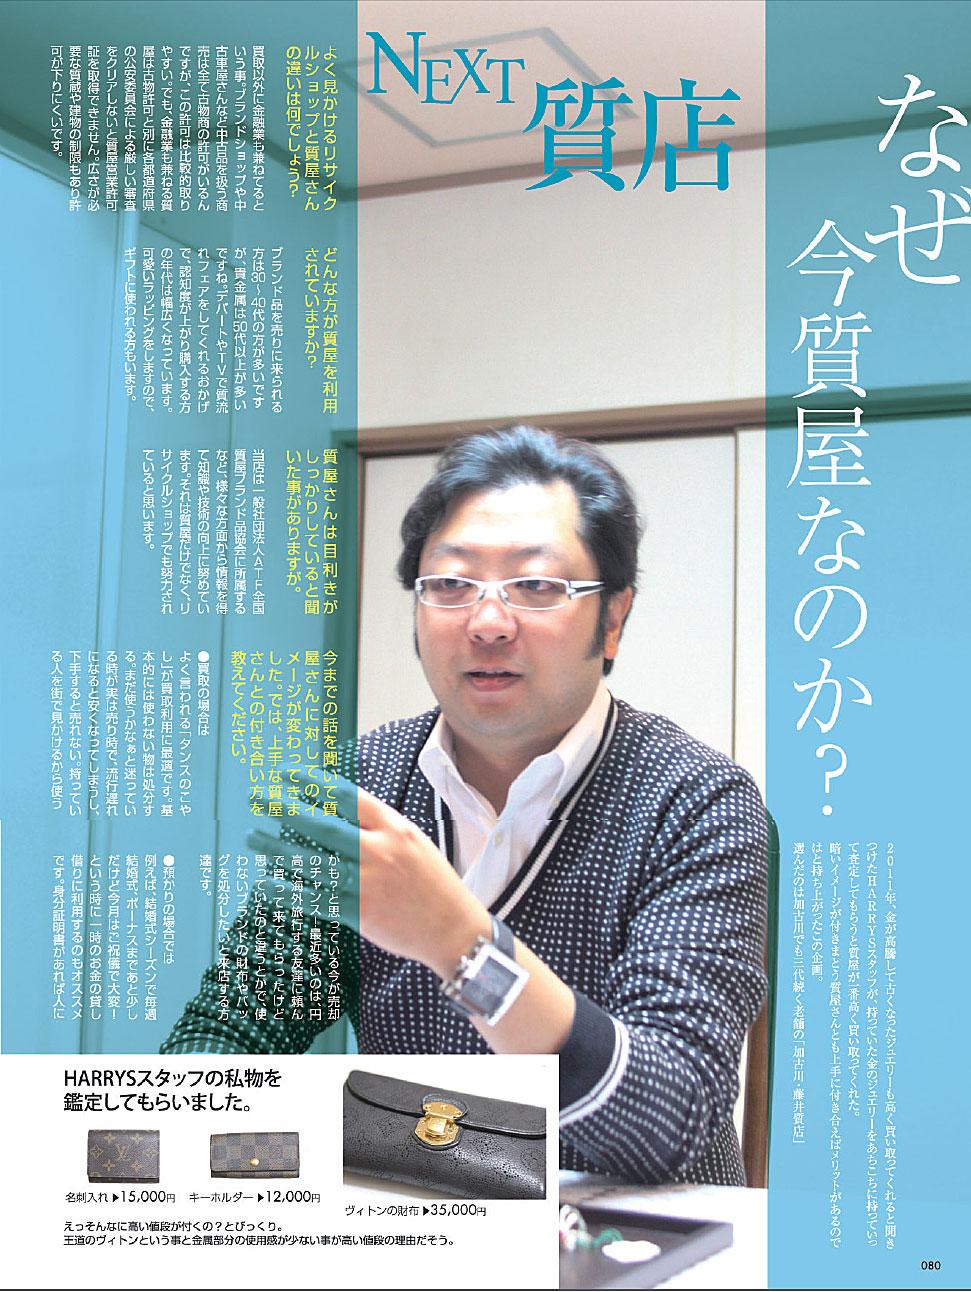 http://pawnfujii.floppy.jp/2012/01/27/harrys-fujii01.jpg